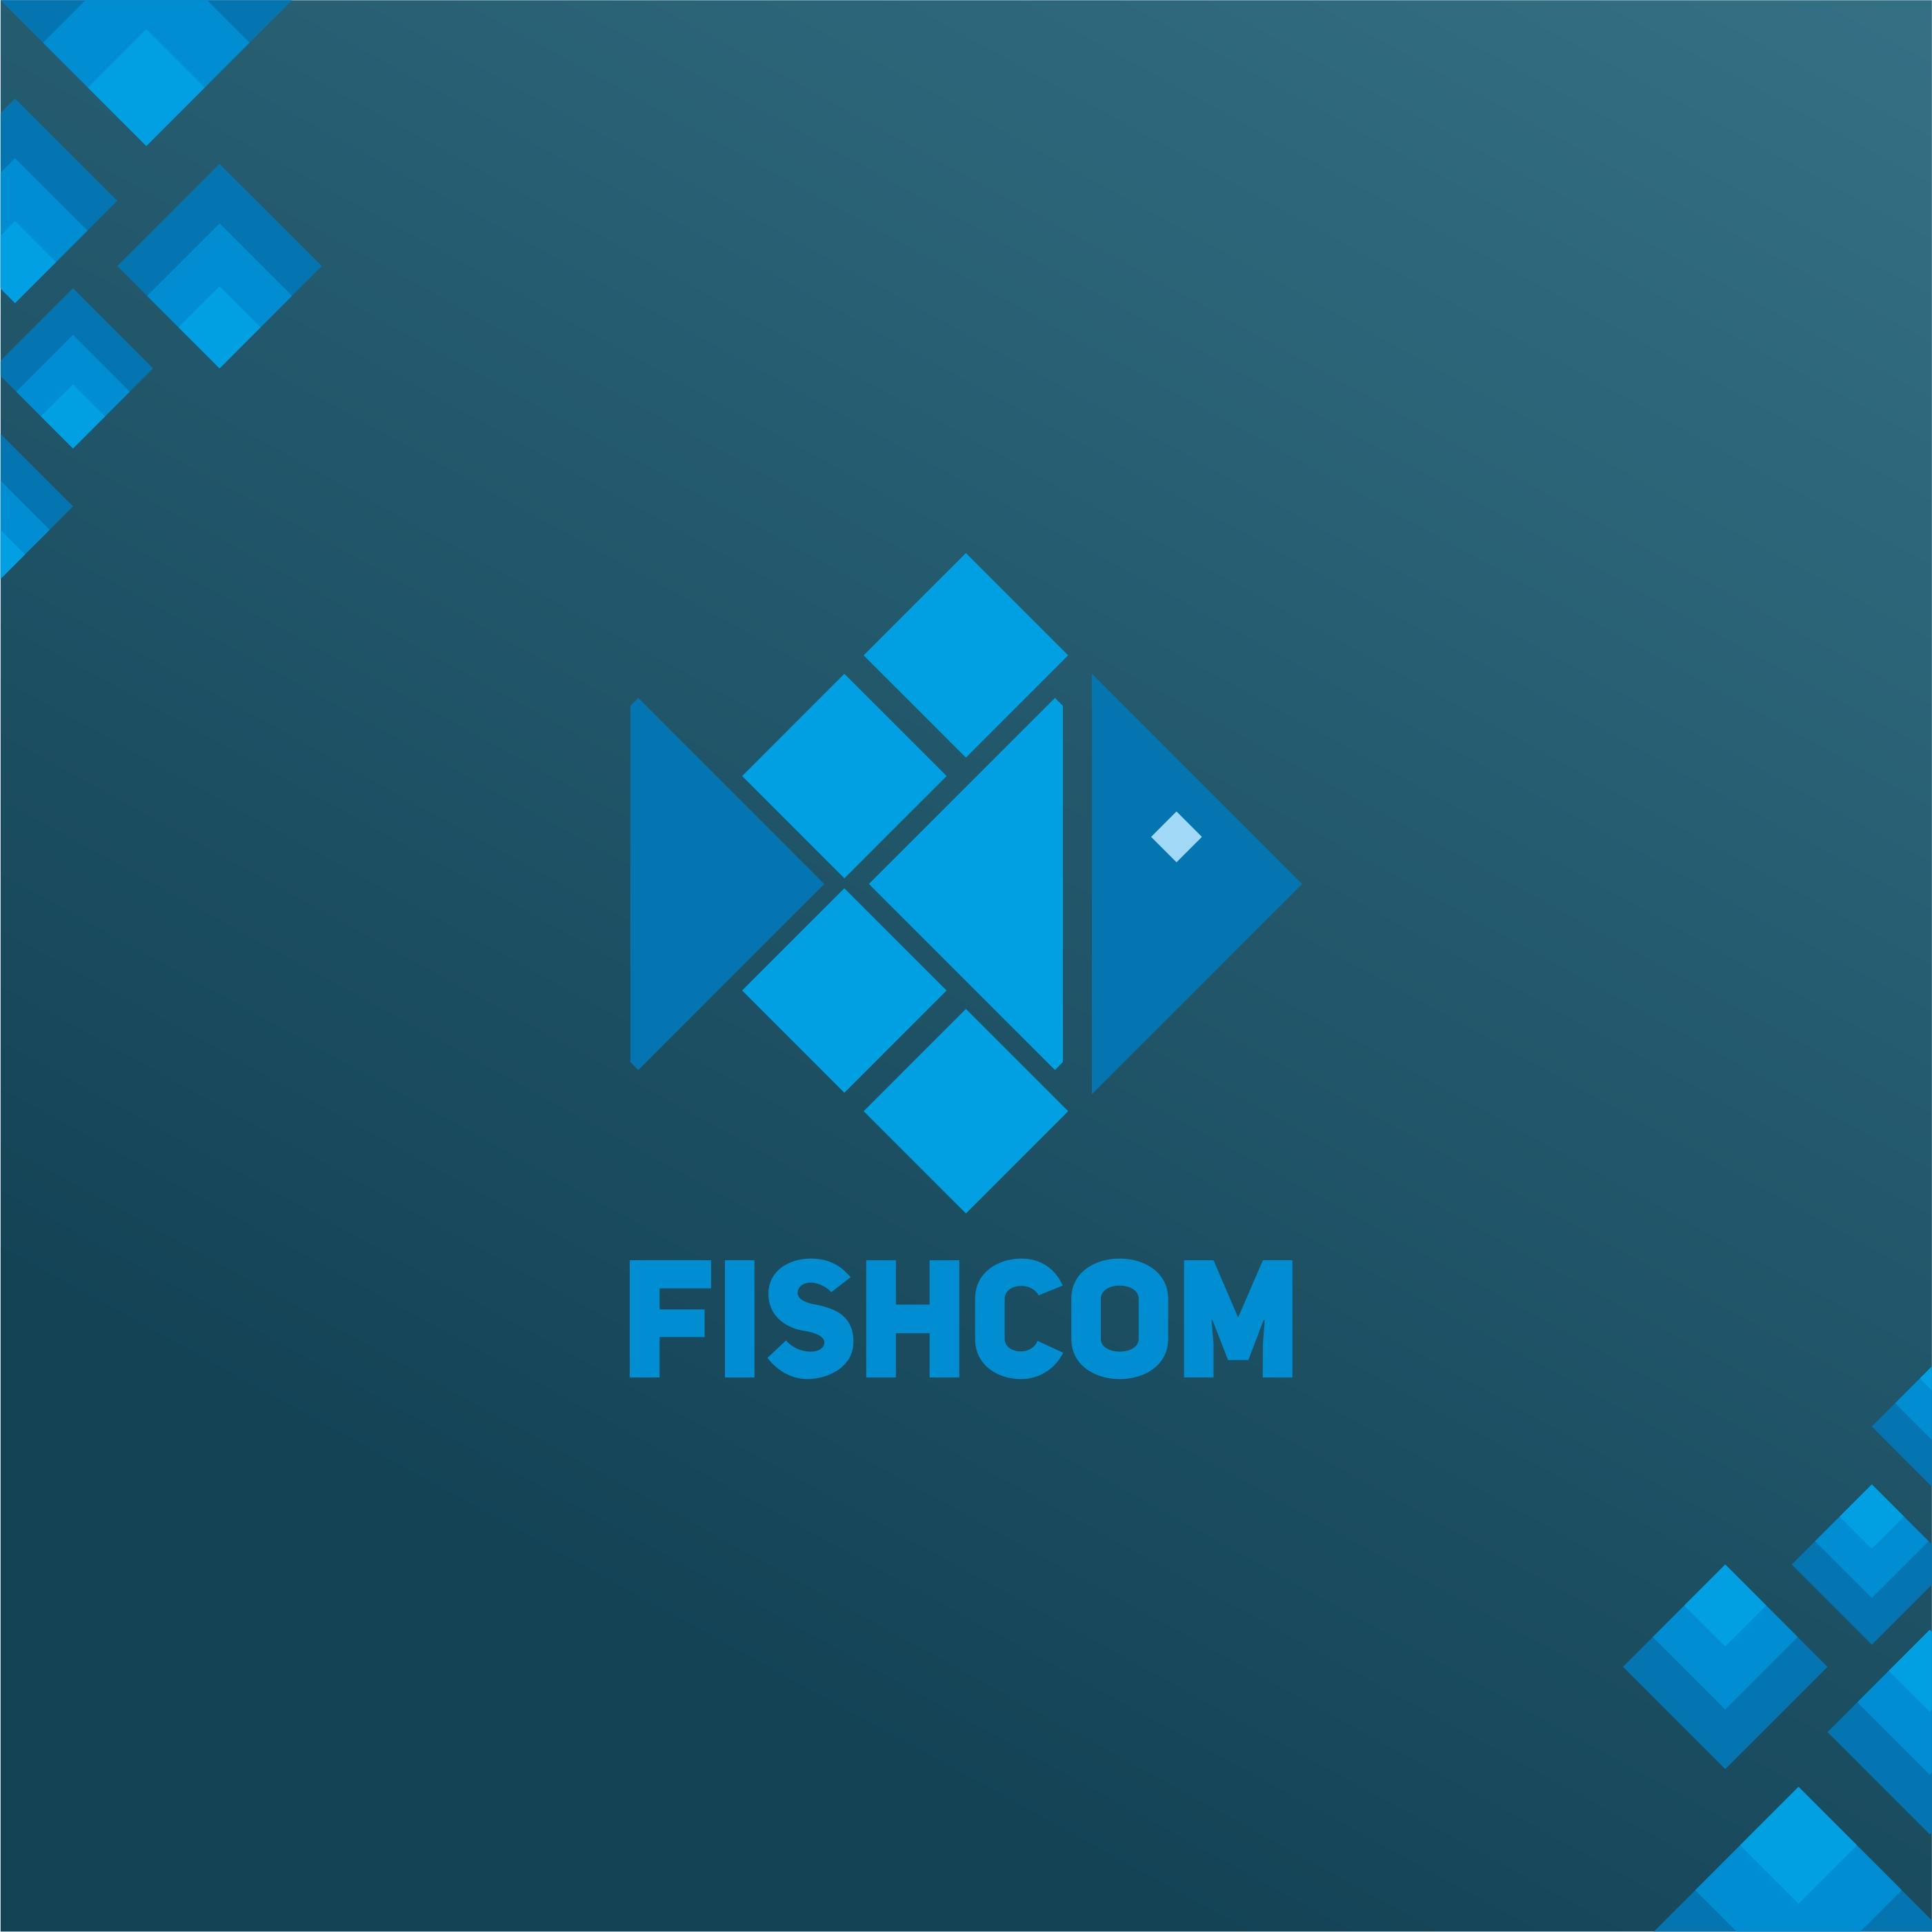 Создание логотипа и брэндбука для компании РЫБКОМ фото f_6255c0a227b44370.jpg